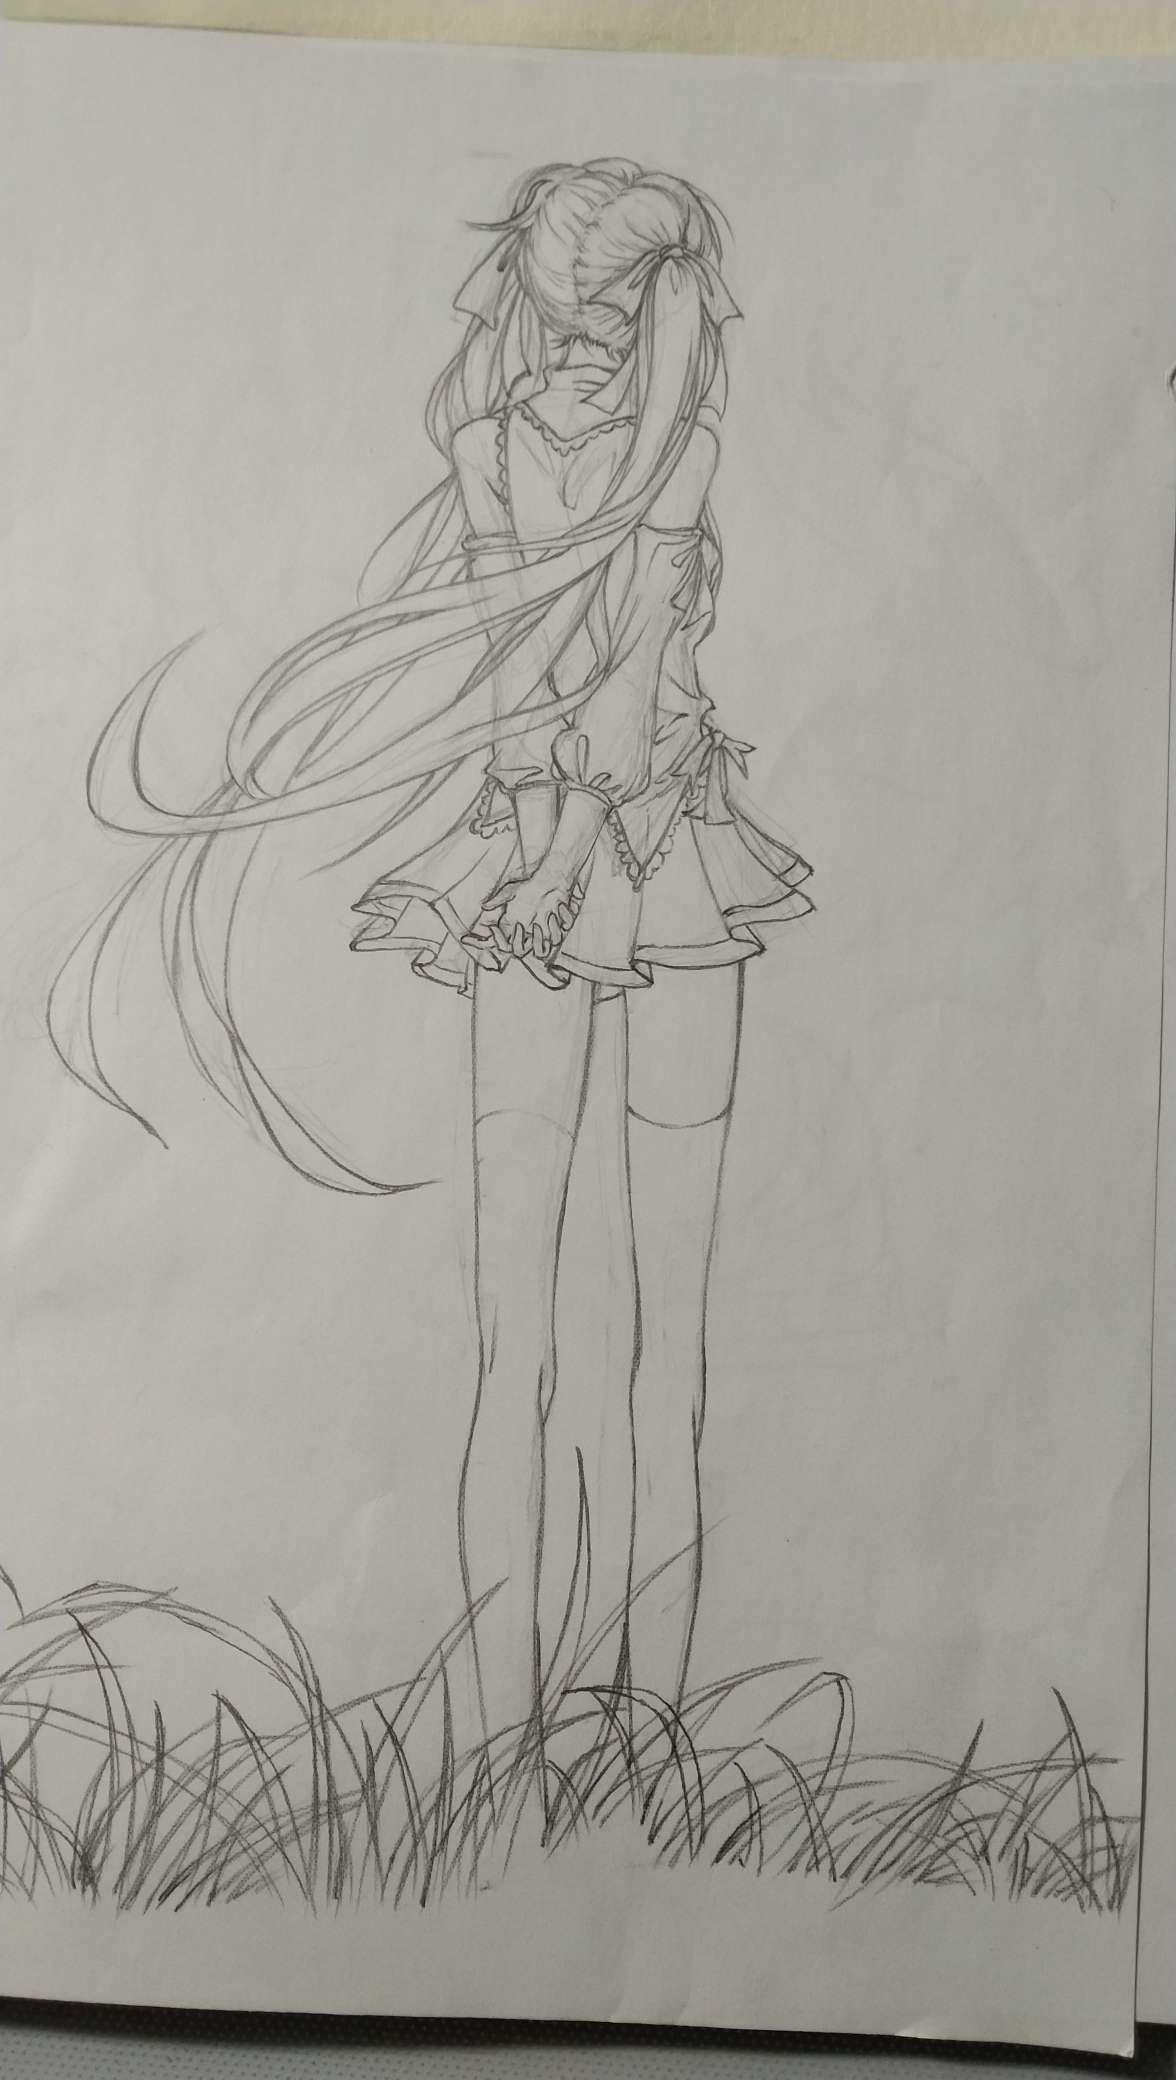 【手绘】提供手绘线稿第一期-小柚妹站